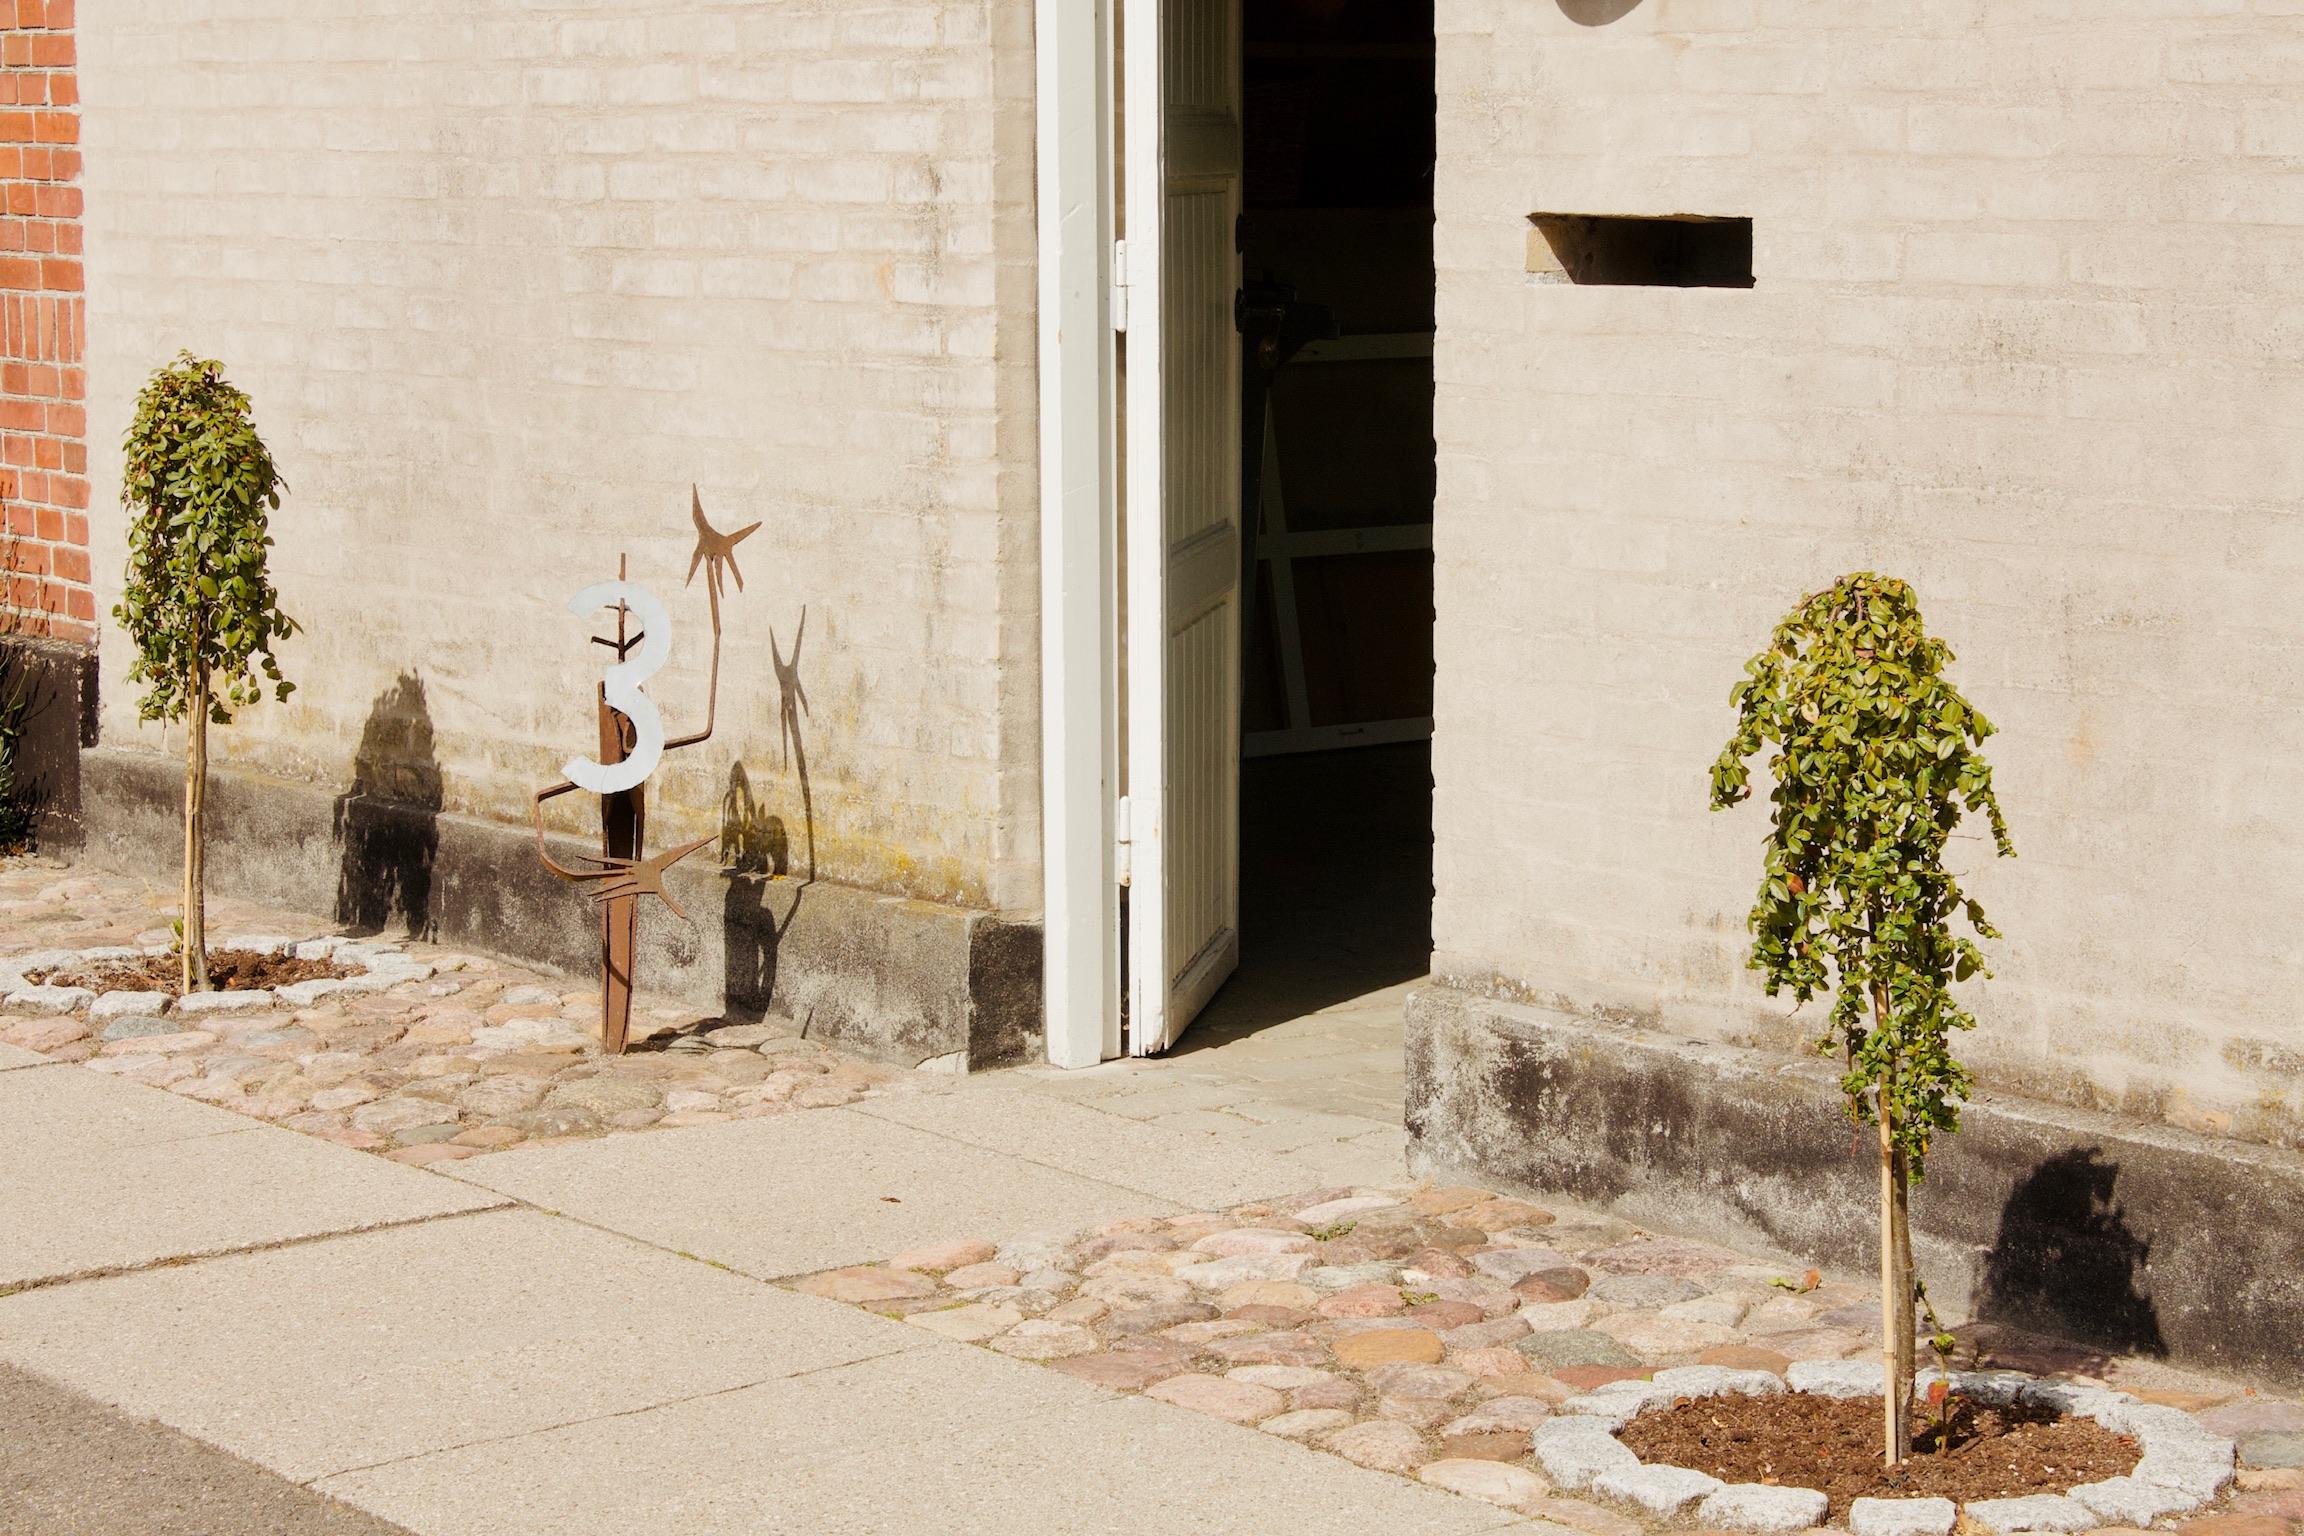 bed and breakfast, vandrerhjem, vandrehjem, feriehus, luksus feriehus,Køge Marina, holiday house, hotel, hostel, camping, campingplads, lodging, accomodation, zimmer, room, overnatning, værelsesudlejning, sommerhus, Køge, København, Copenhagen, Denmark, Danmark, Dänemark